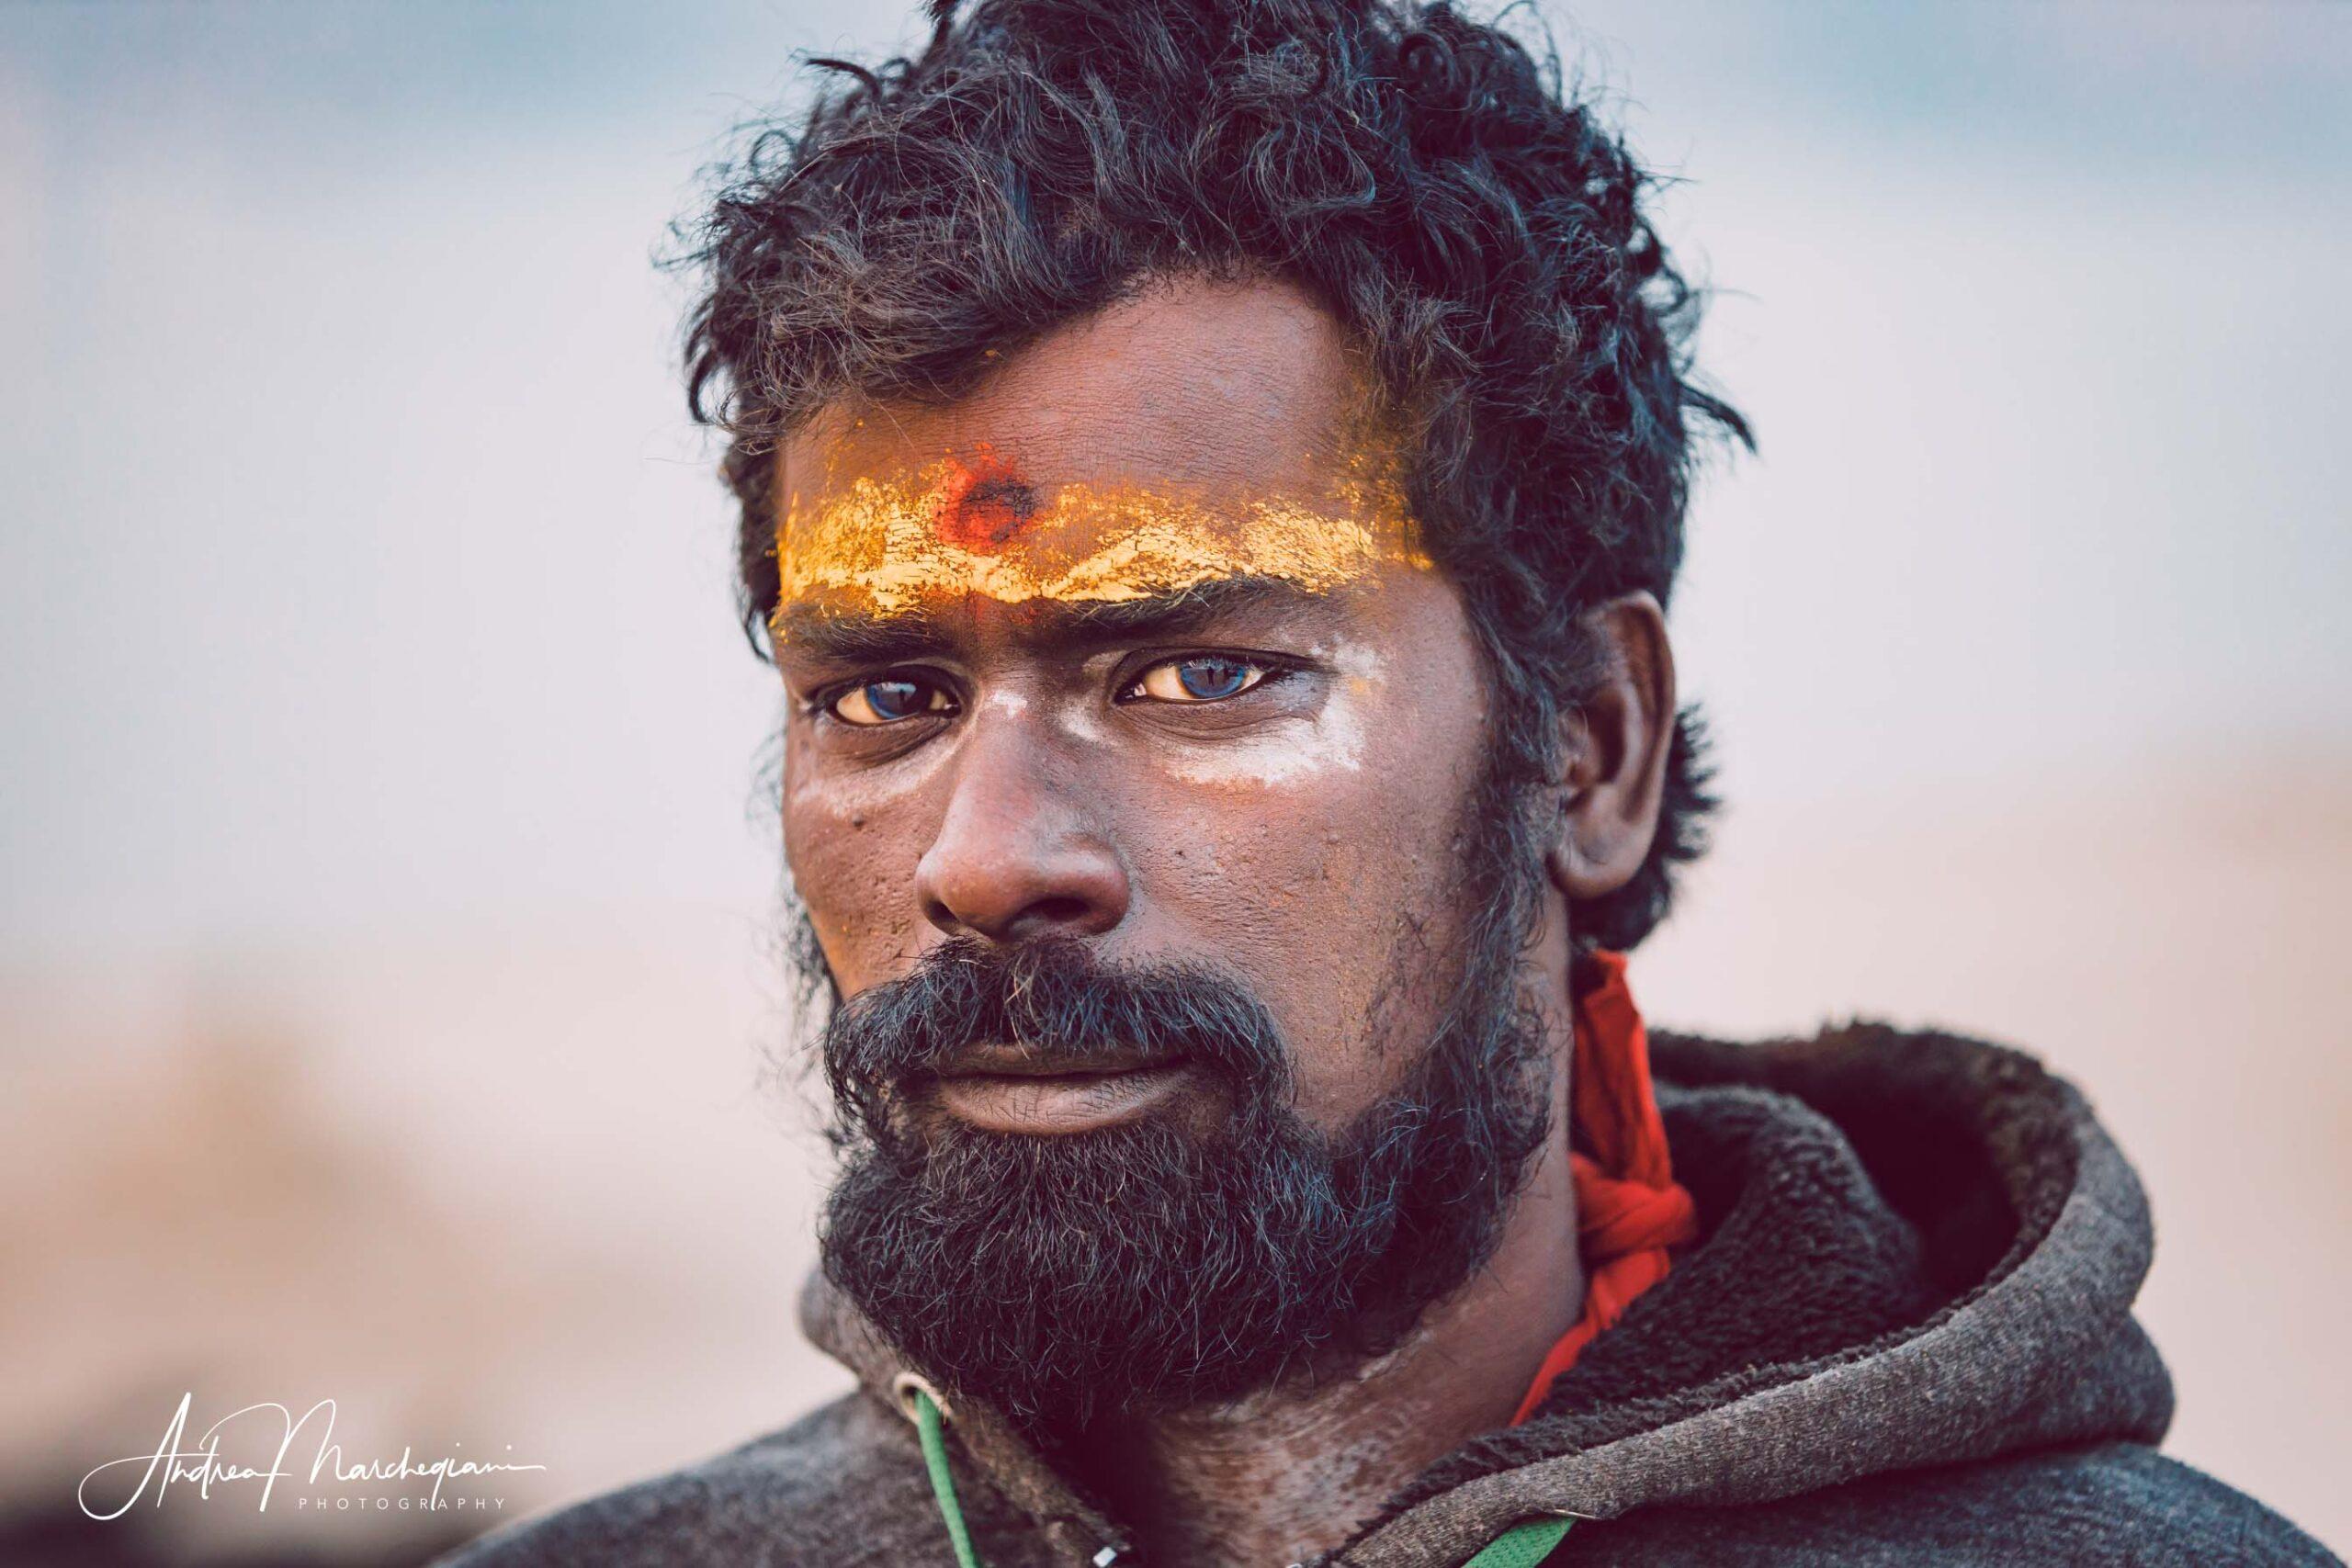 Ritratto di baba indiano con tilaka sulla fronte